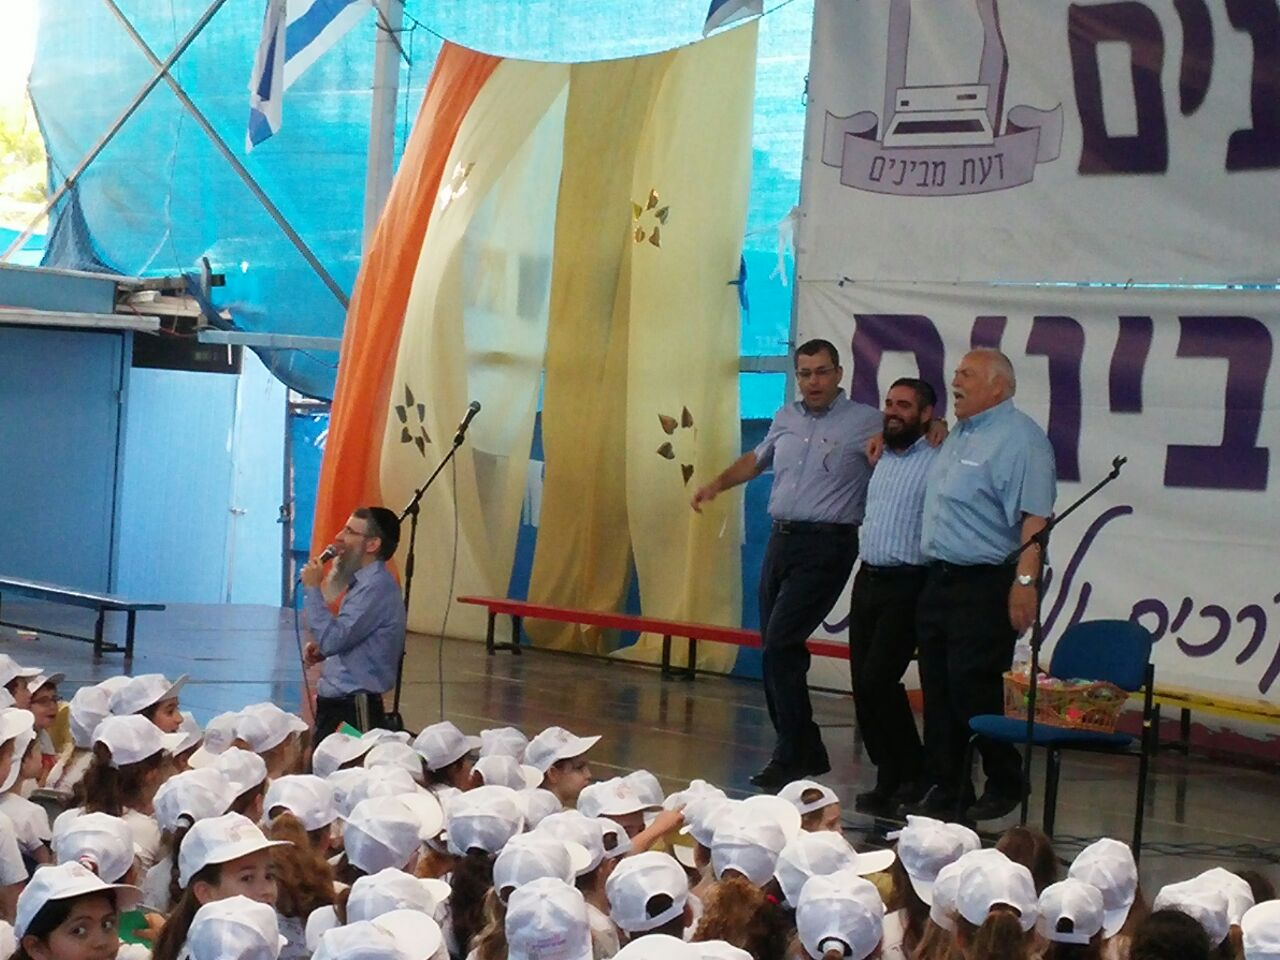 """הפתעה: ענק הזמר החסידי אברהם פריד הופיע לרגל יום ירושלים בביה""""ס דעת מבינים בפ""""ת"""